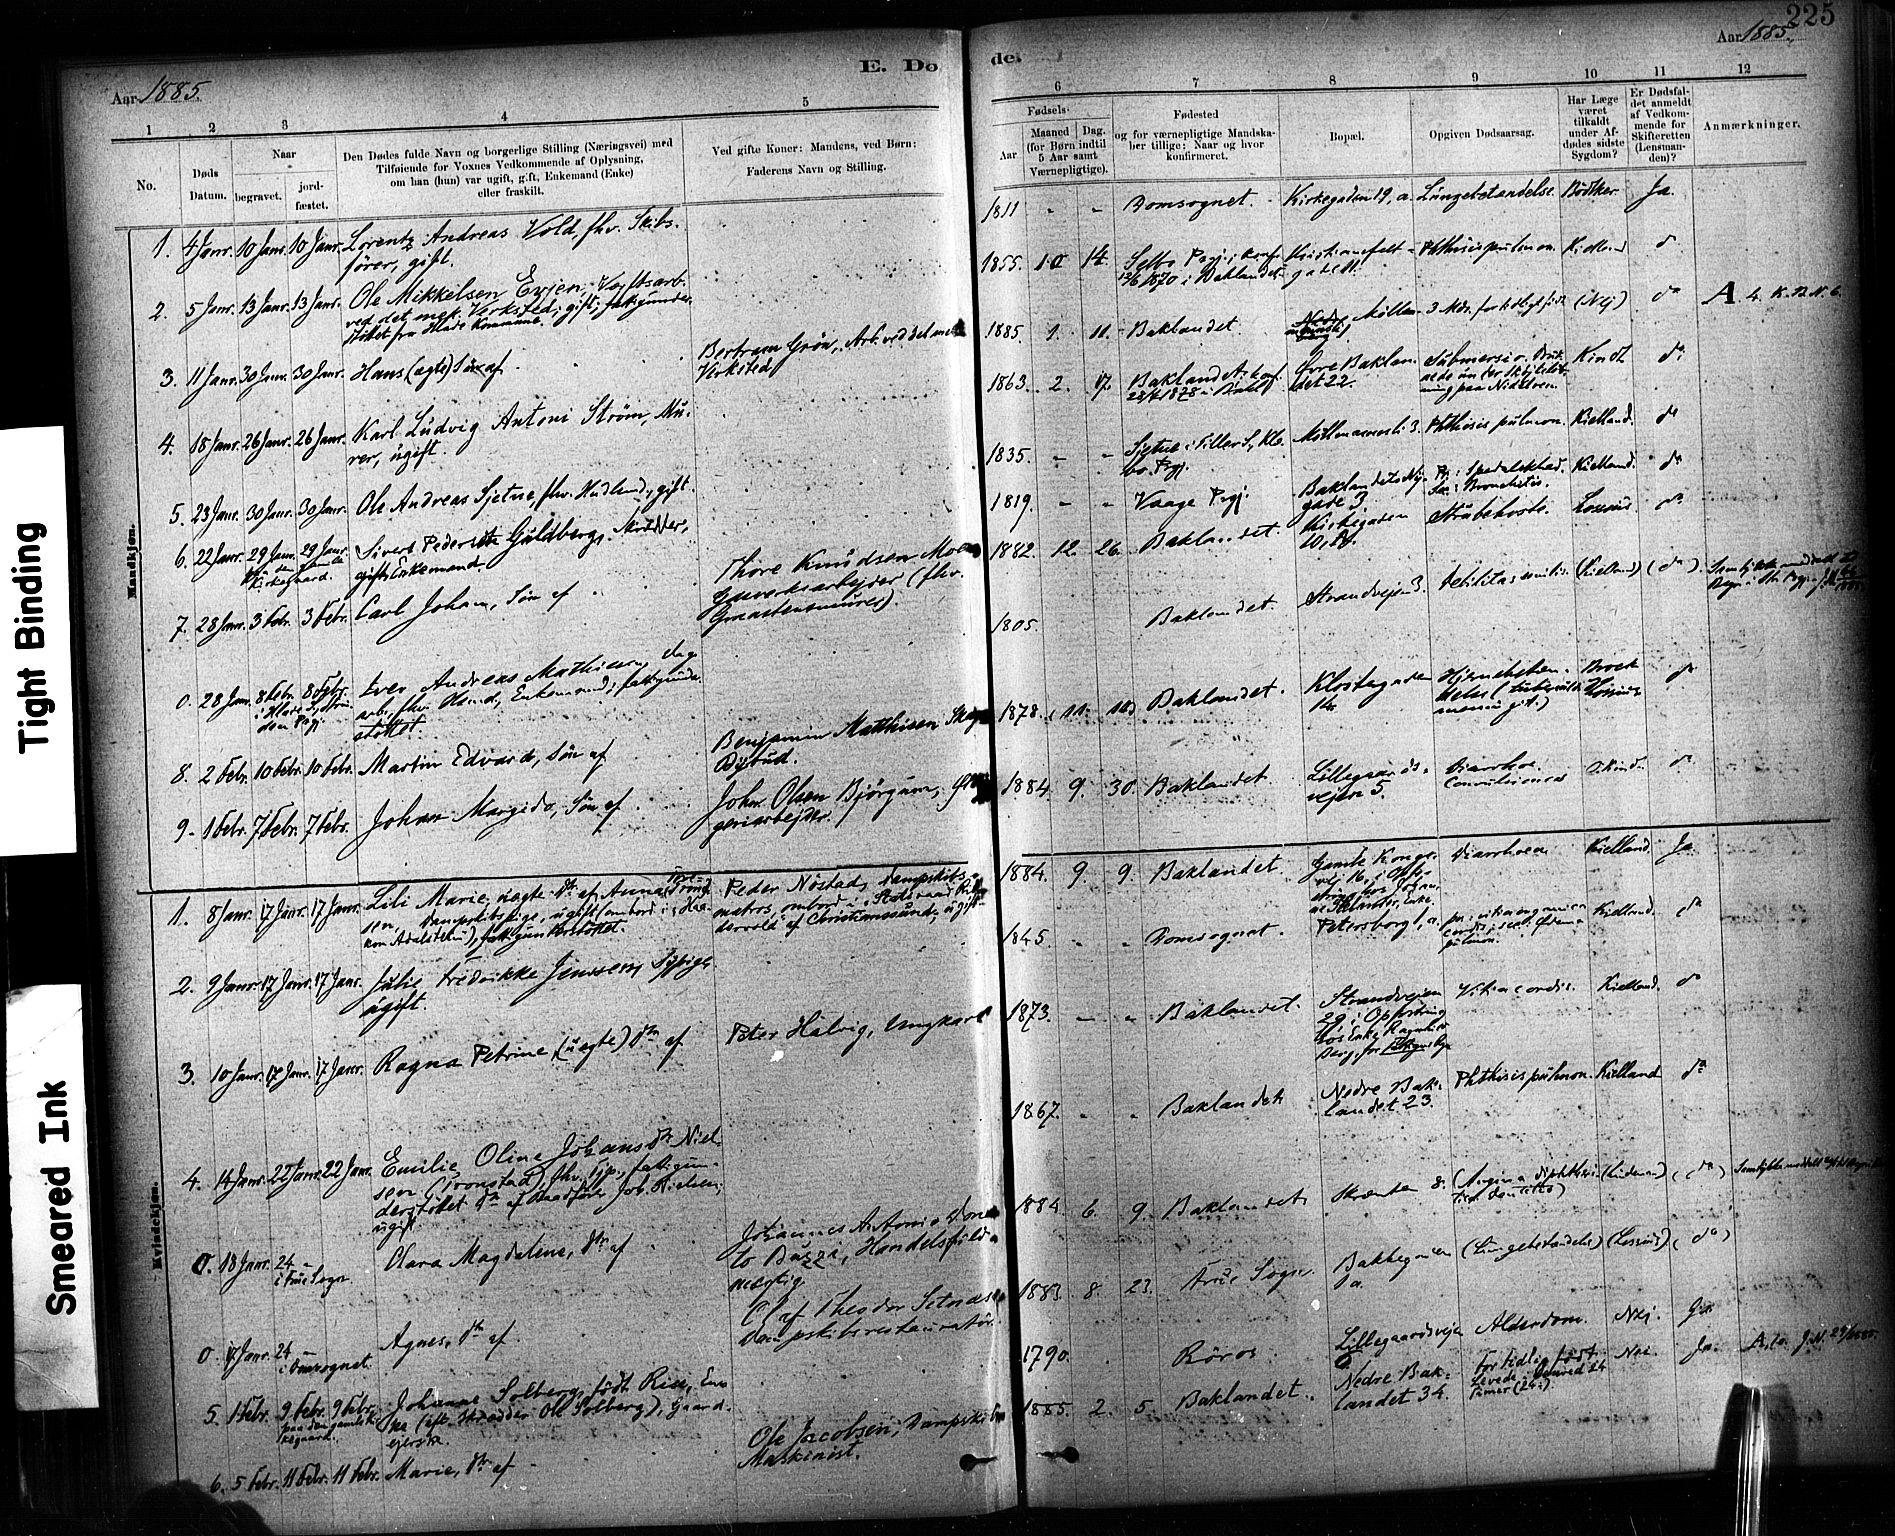 SAT, Ministerialprotokoller, klokkerbøker og fødselsregistre - Sør-Trøndelag, 604/L0189: Ministerialbok nr. 604A10, 1878-1892, s. 225